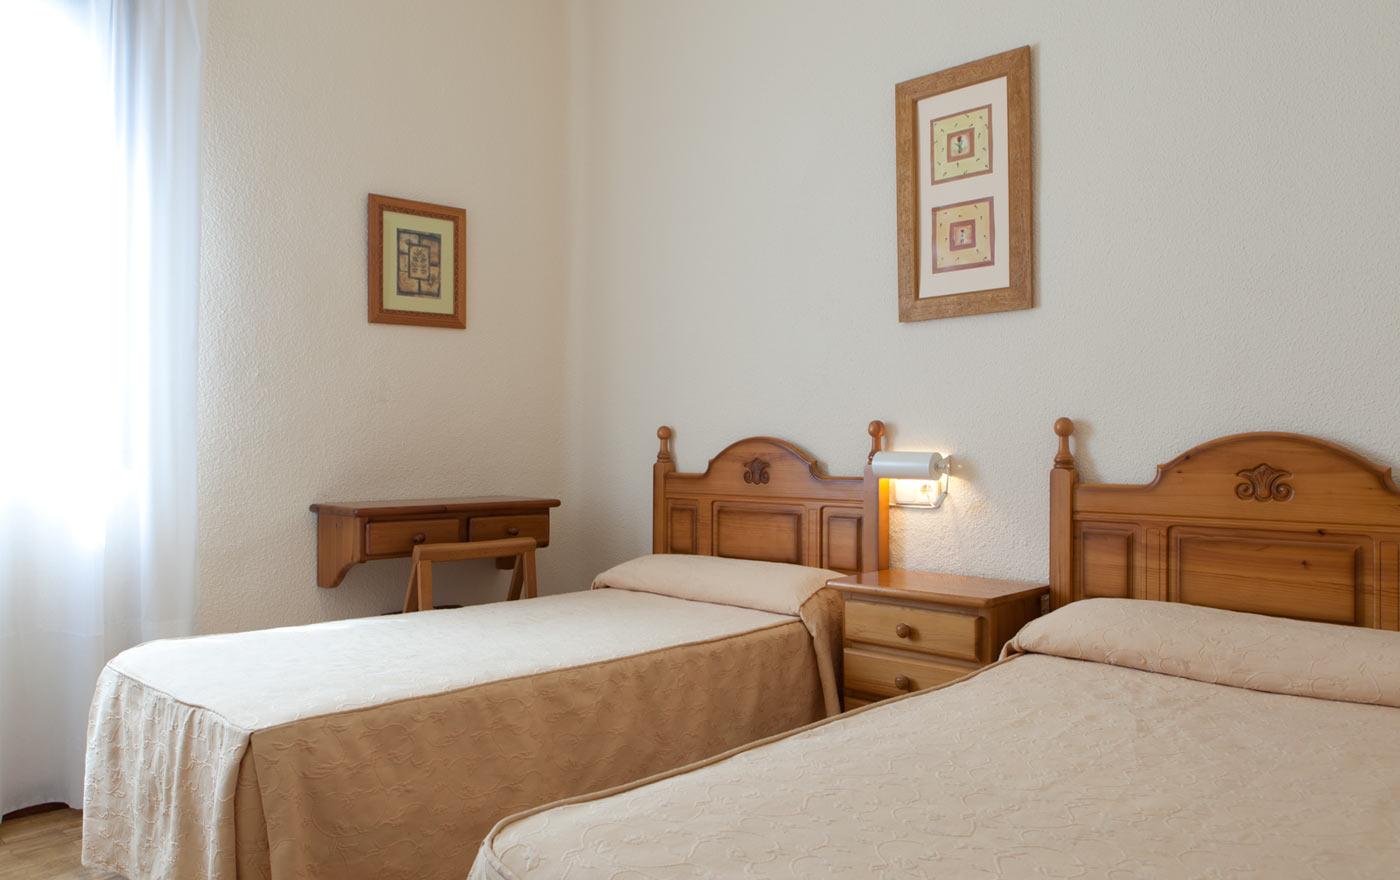 habitaciones_galeria_doble02